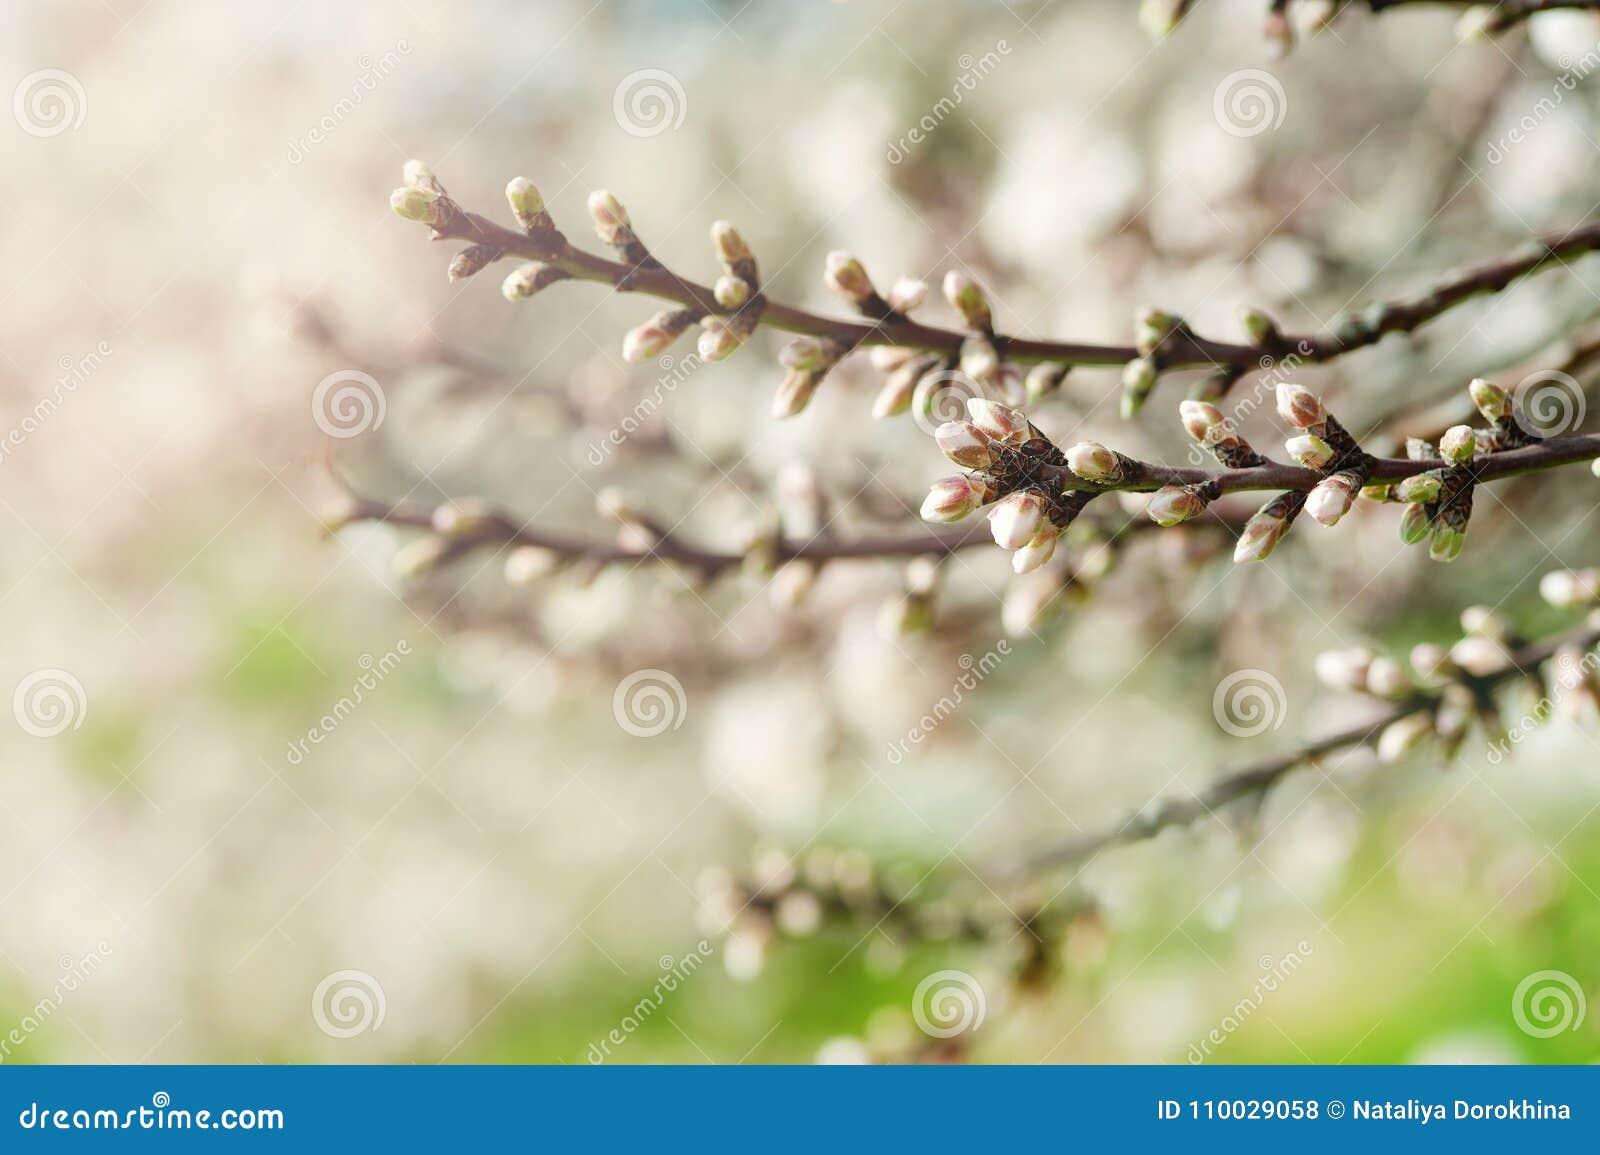 De knop van de abrikozenbloem op een boomtak, tak met boomknoppen